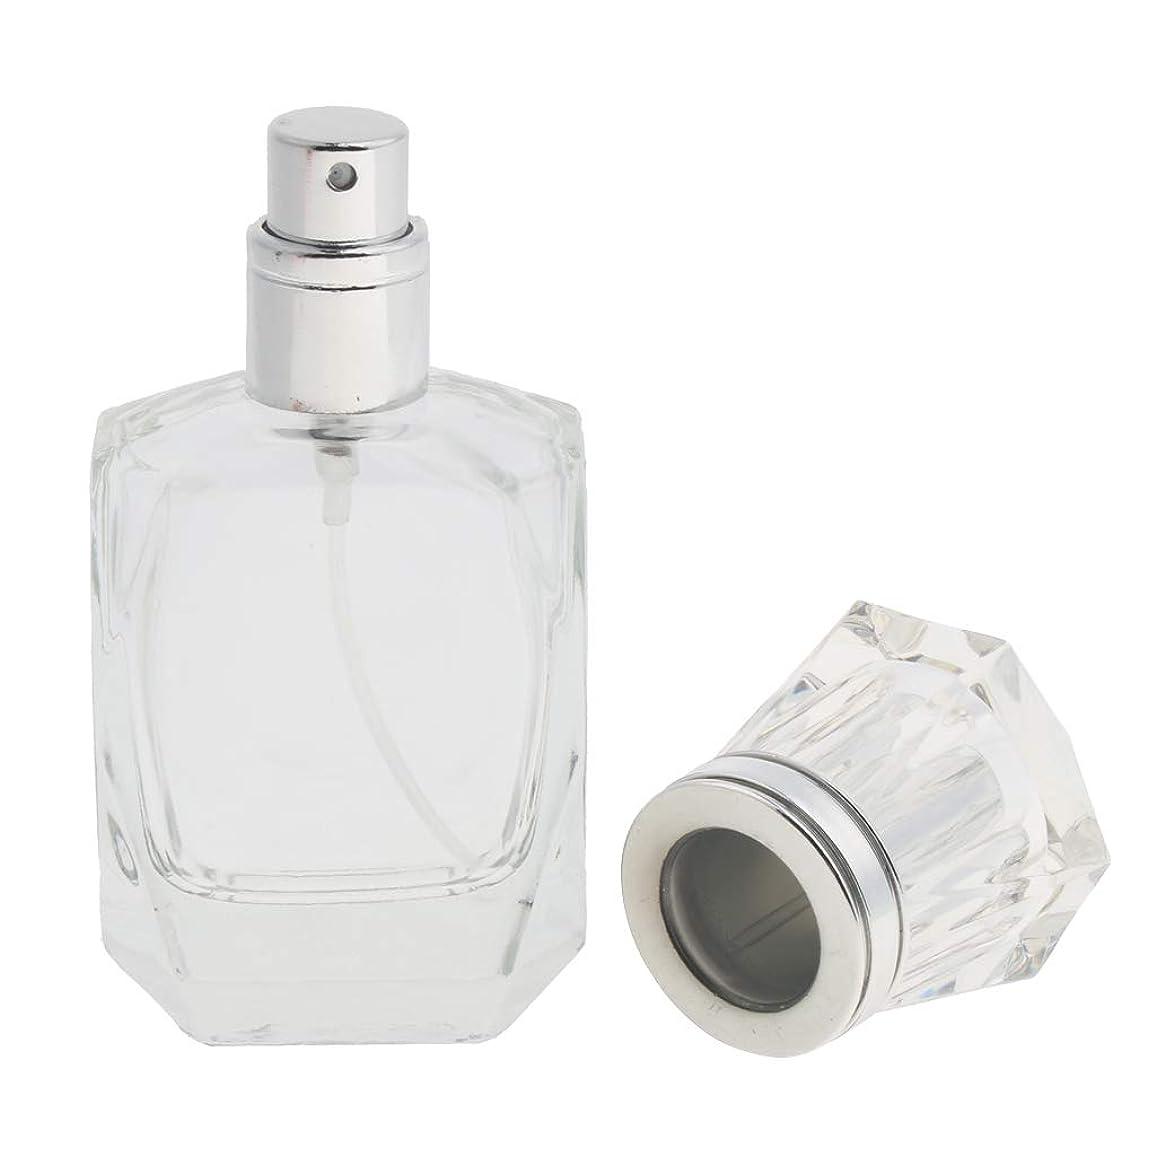 異なる国旗方向CUTICATE 香水ボトル 化粧ボトル ガラス ミストボトル 30ml クリア 旅行小物